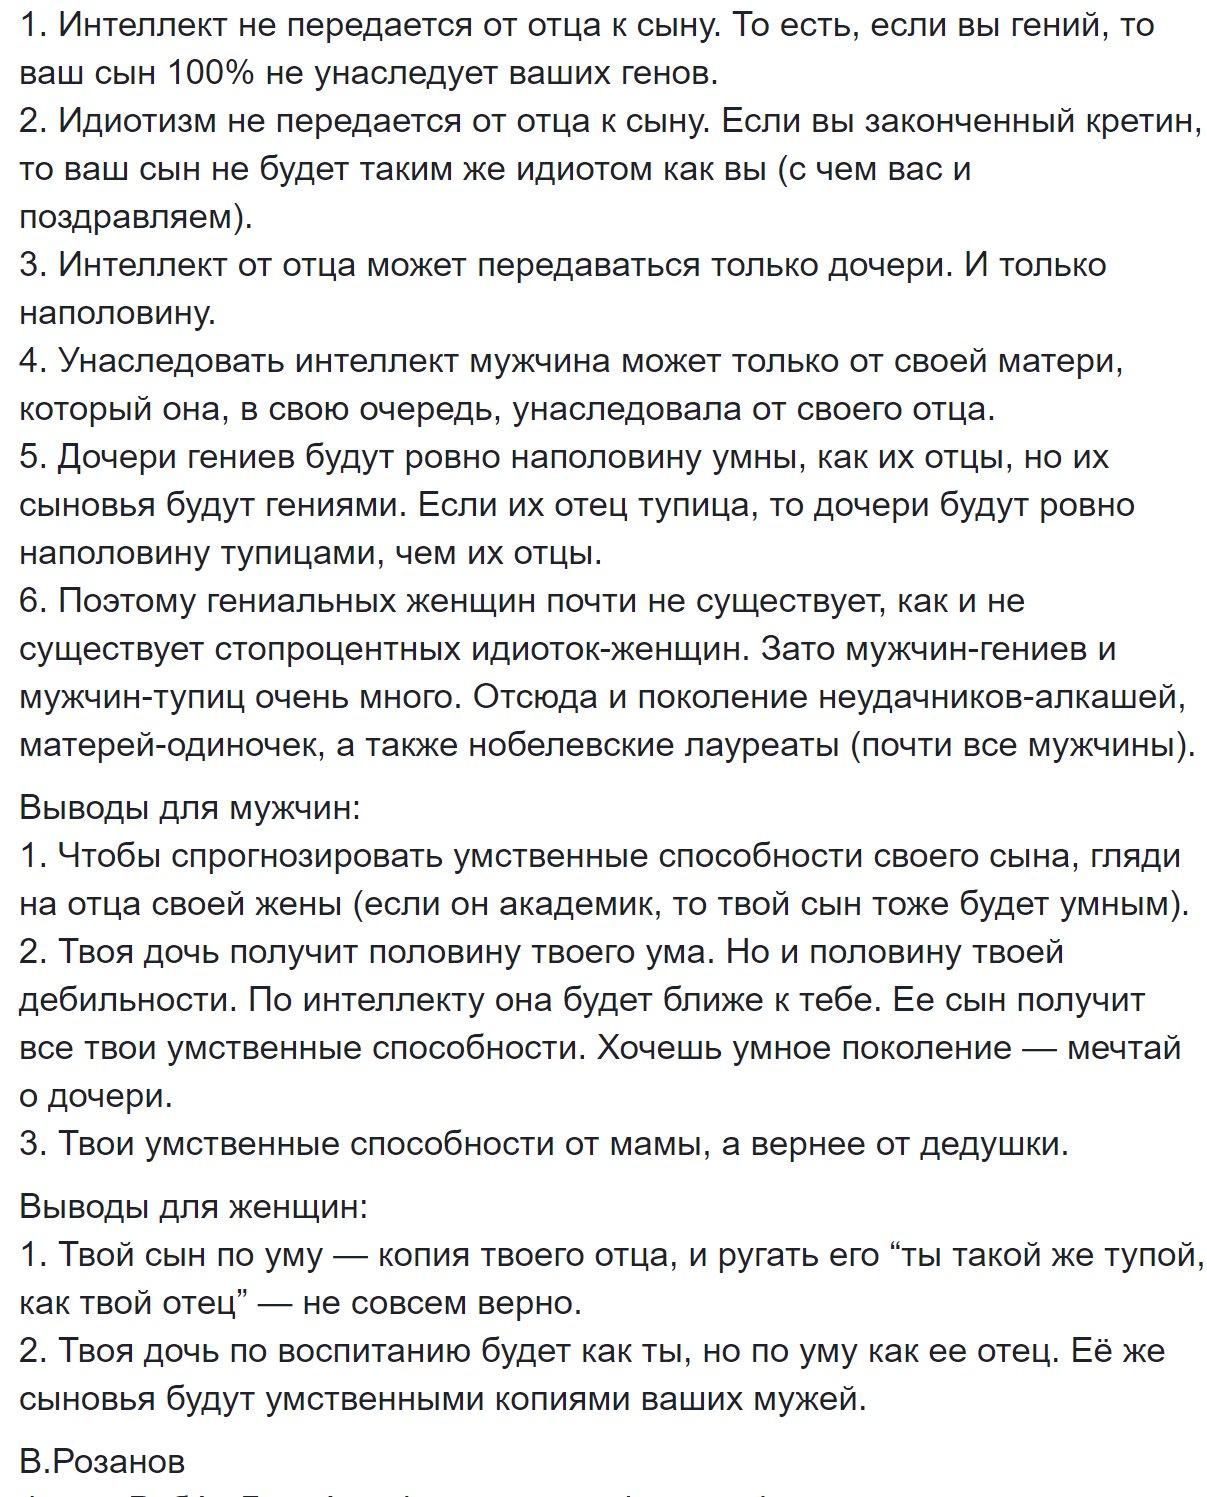 """Полиция отпустила пять из шести задержанных на """"Марше равенства"""" в Киеве - Цензор.НЕТ 2633"""